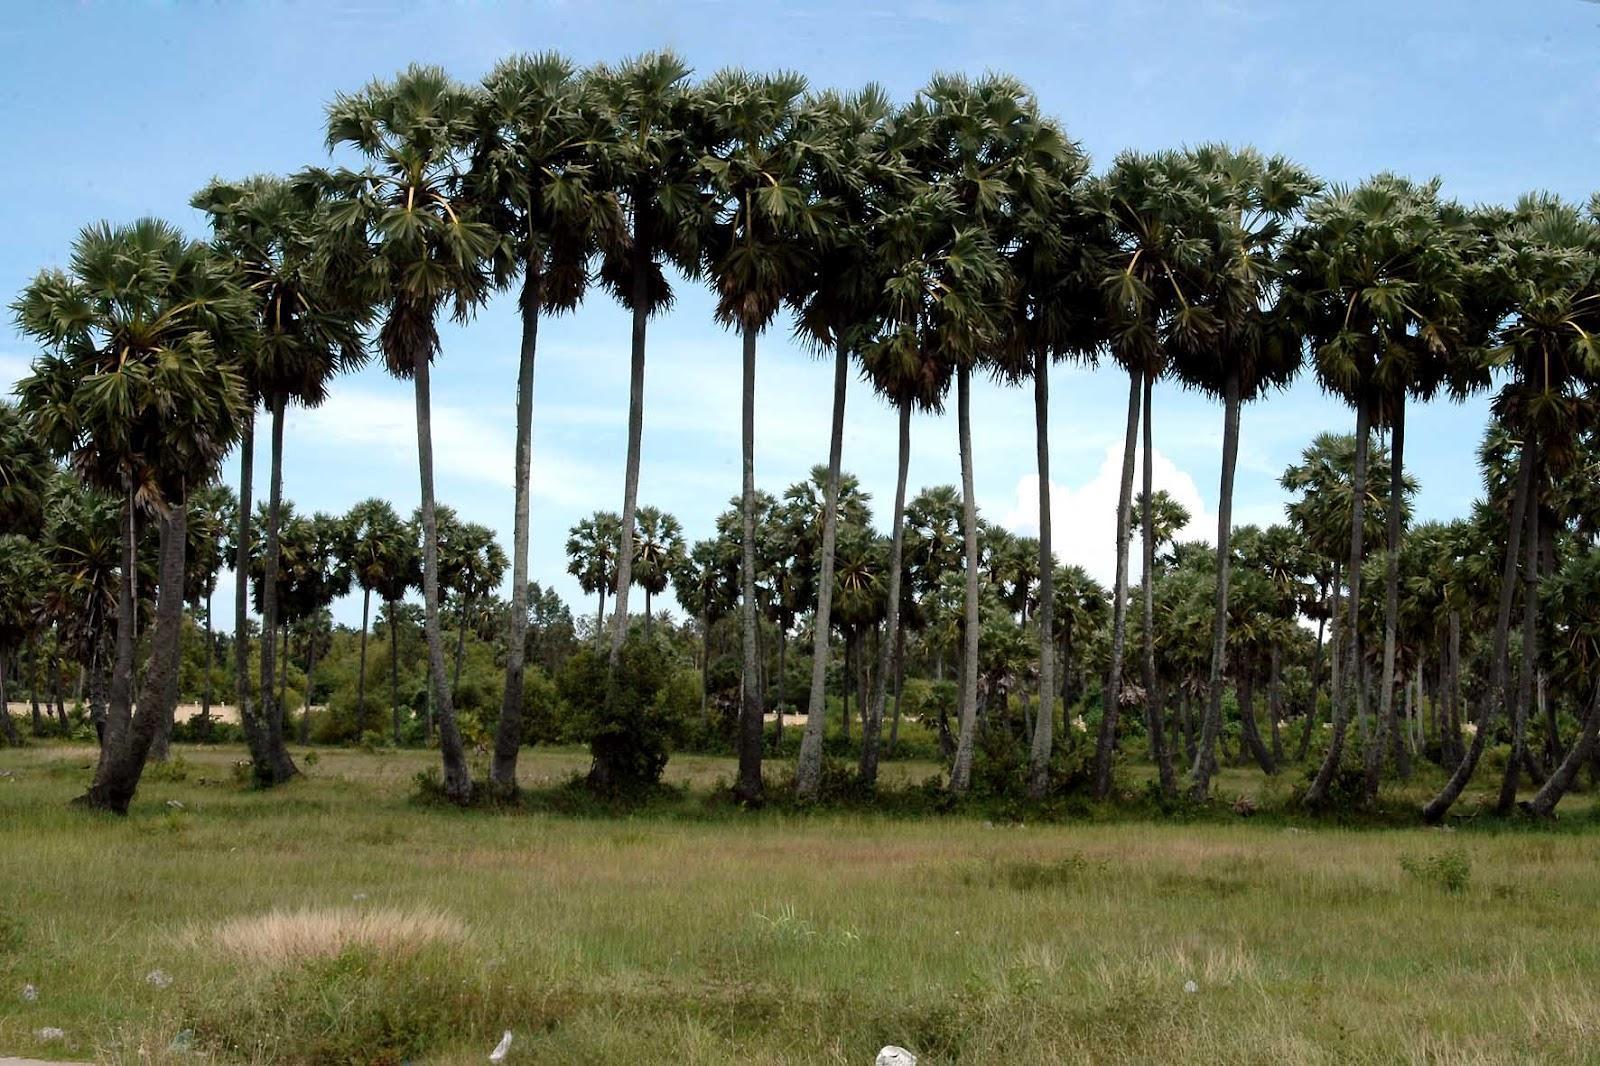 Dừa nước, thốt nốt – Quà riêng của miệt đồng bằng sông Cửu Long